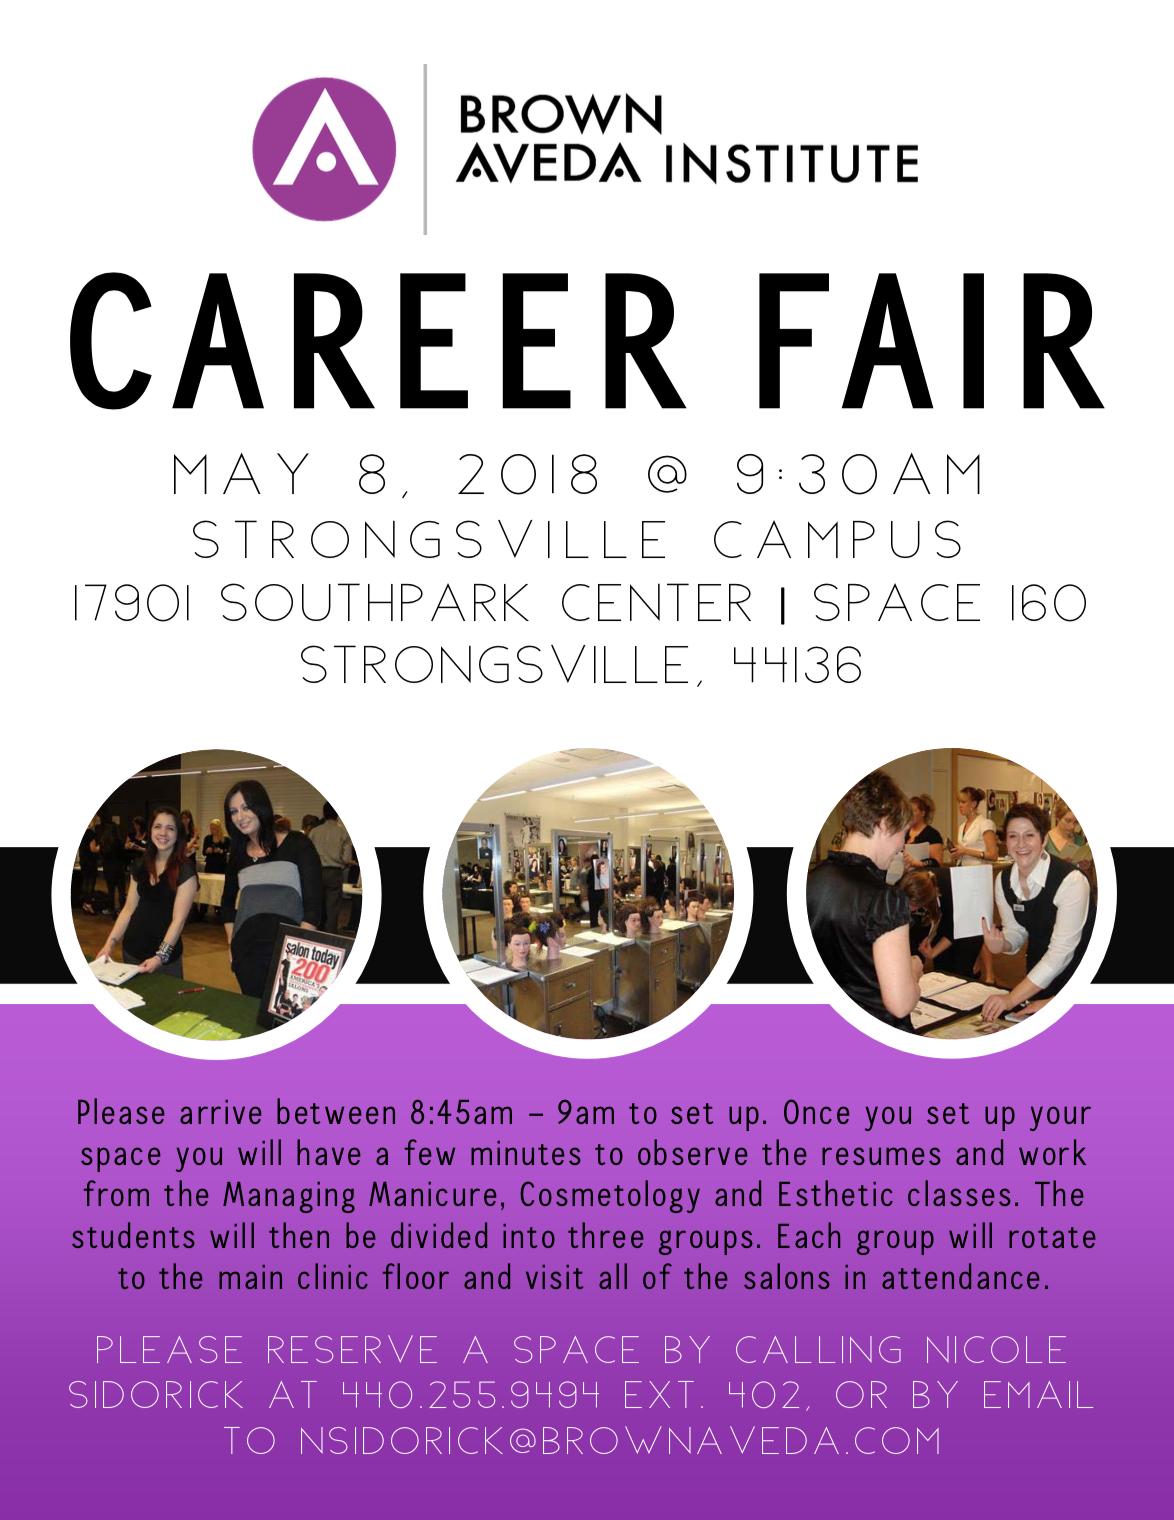 career fair brown aveda institute strongsville